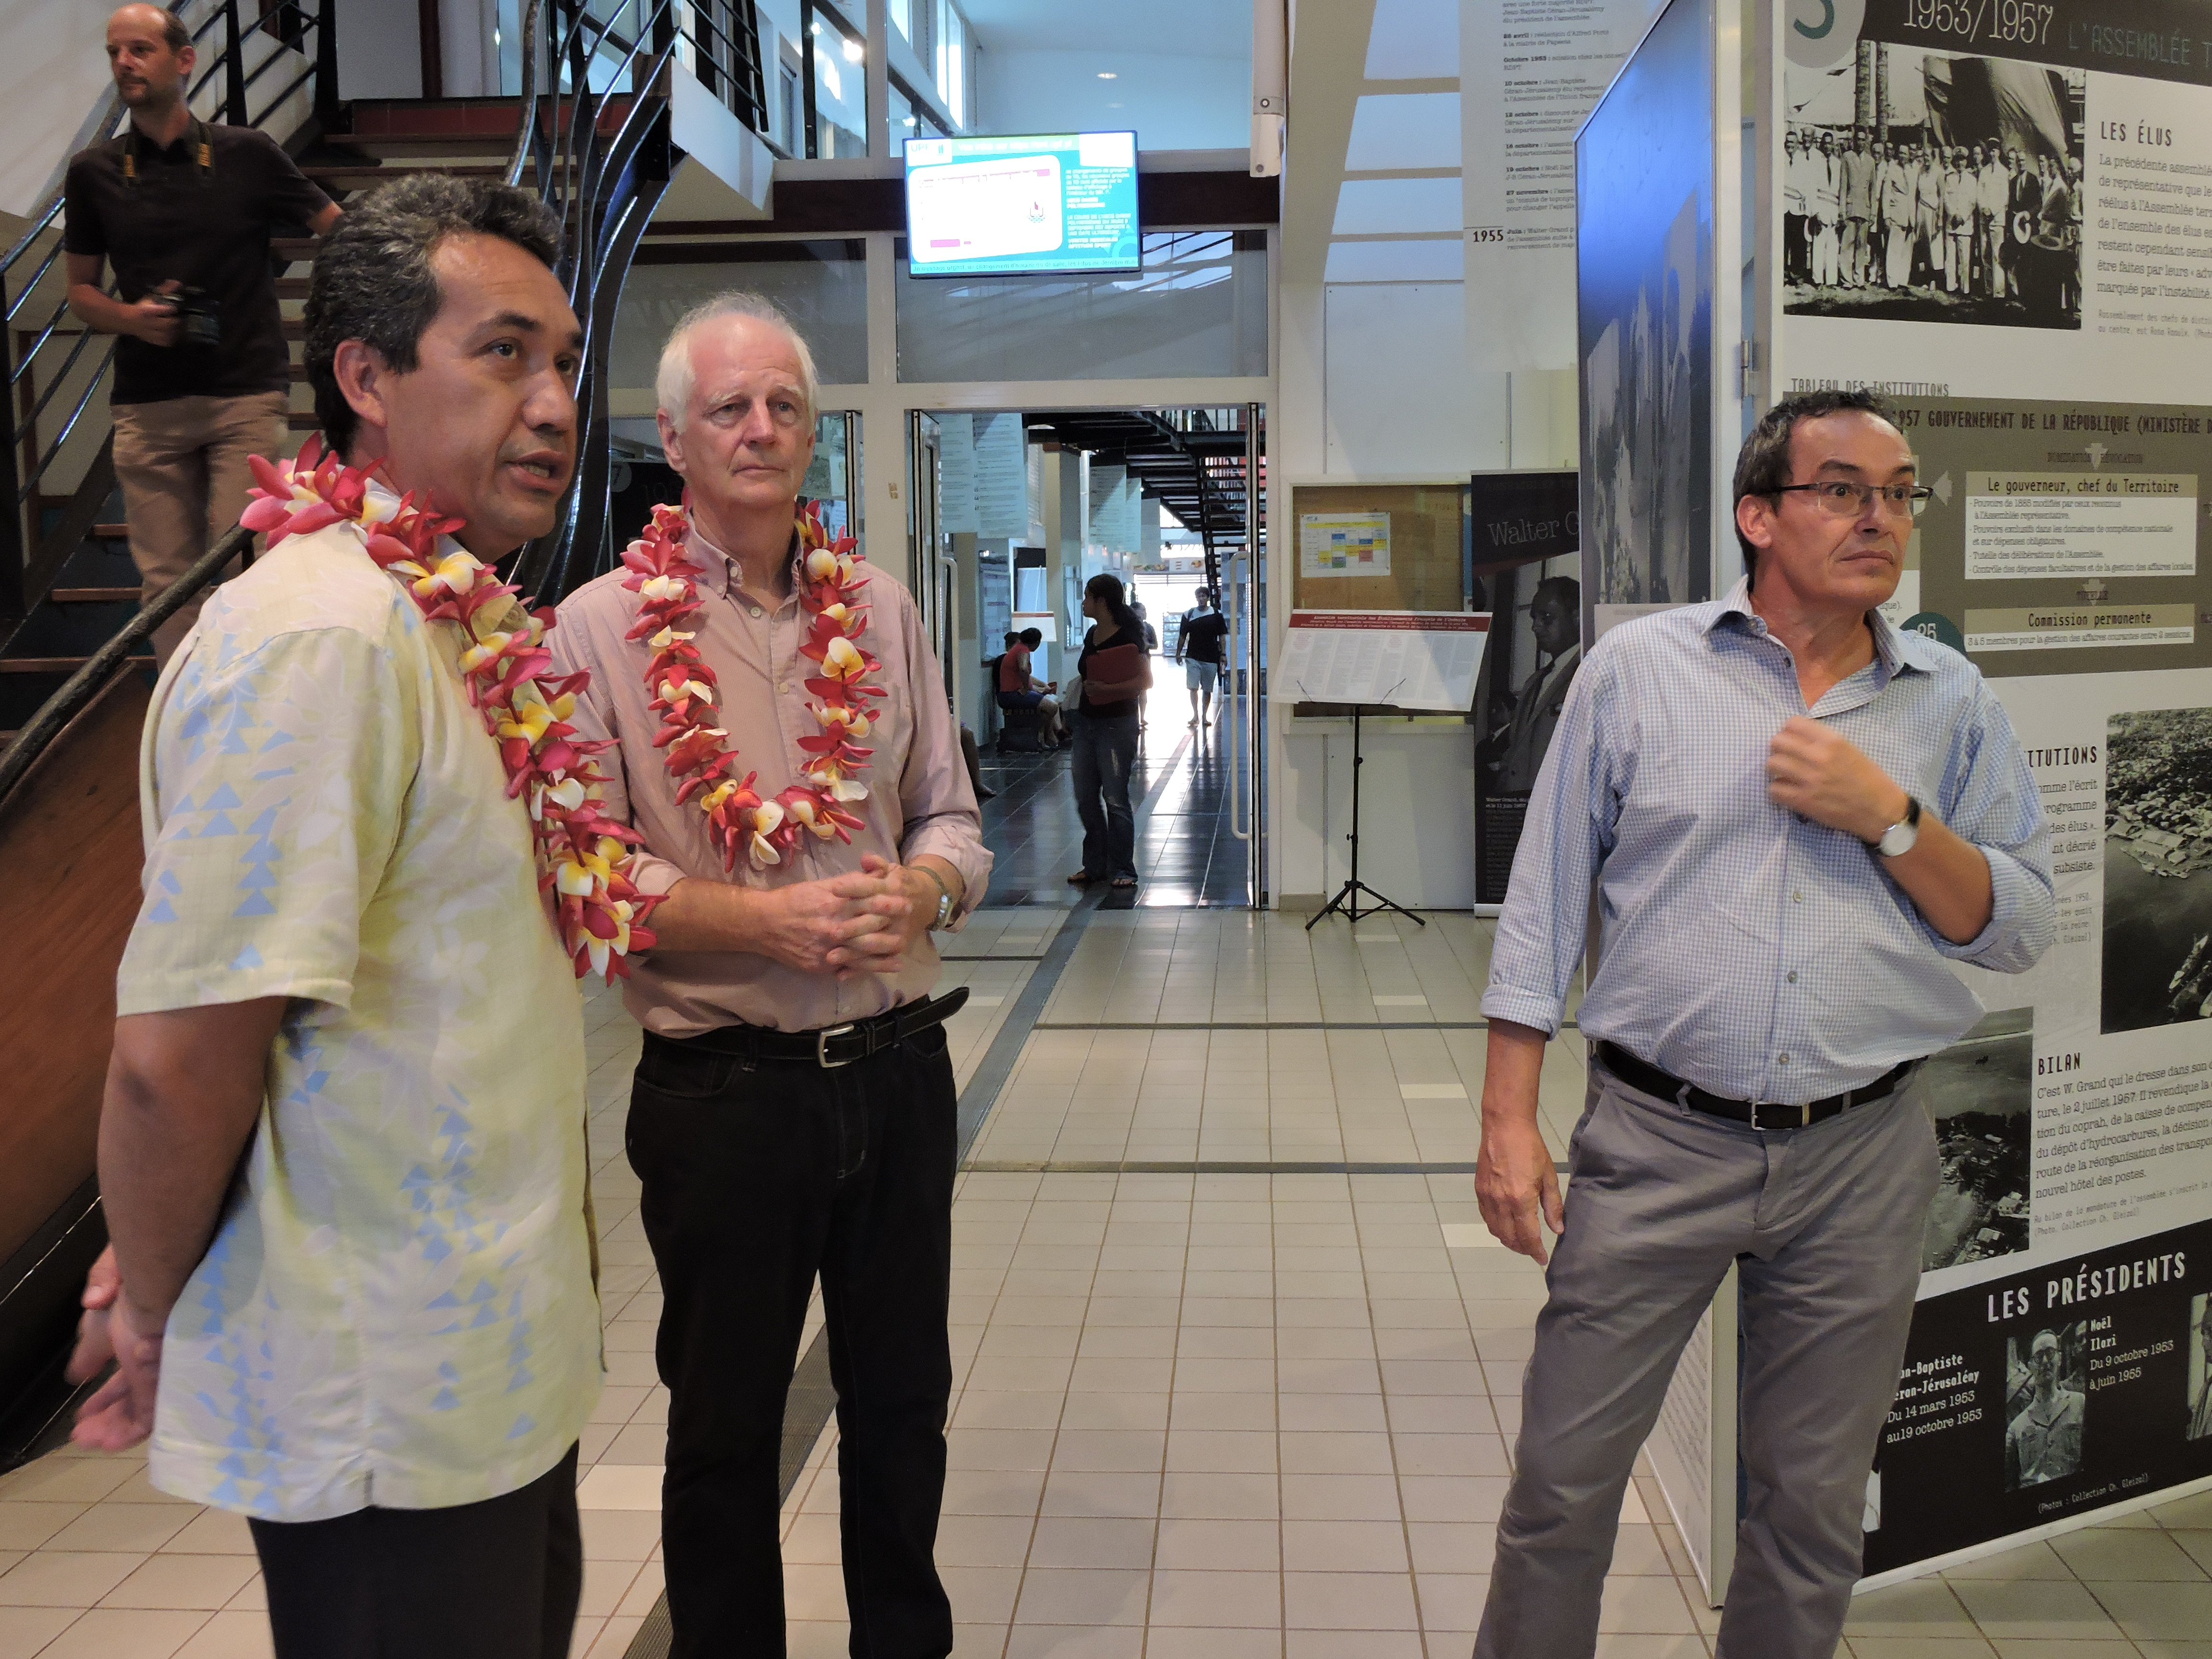 L'exposition a été inaugurée mardi soir à l'université en présence Marcel Tuihani, président de l'assemblée, Jean-Marc Regnault, historien, et Eric Conte, président de l'université.